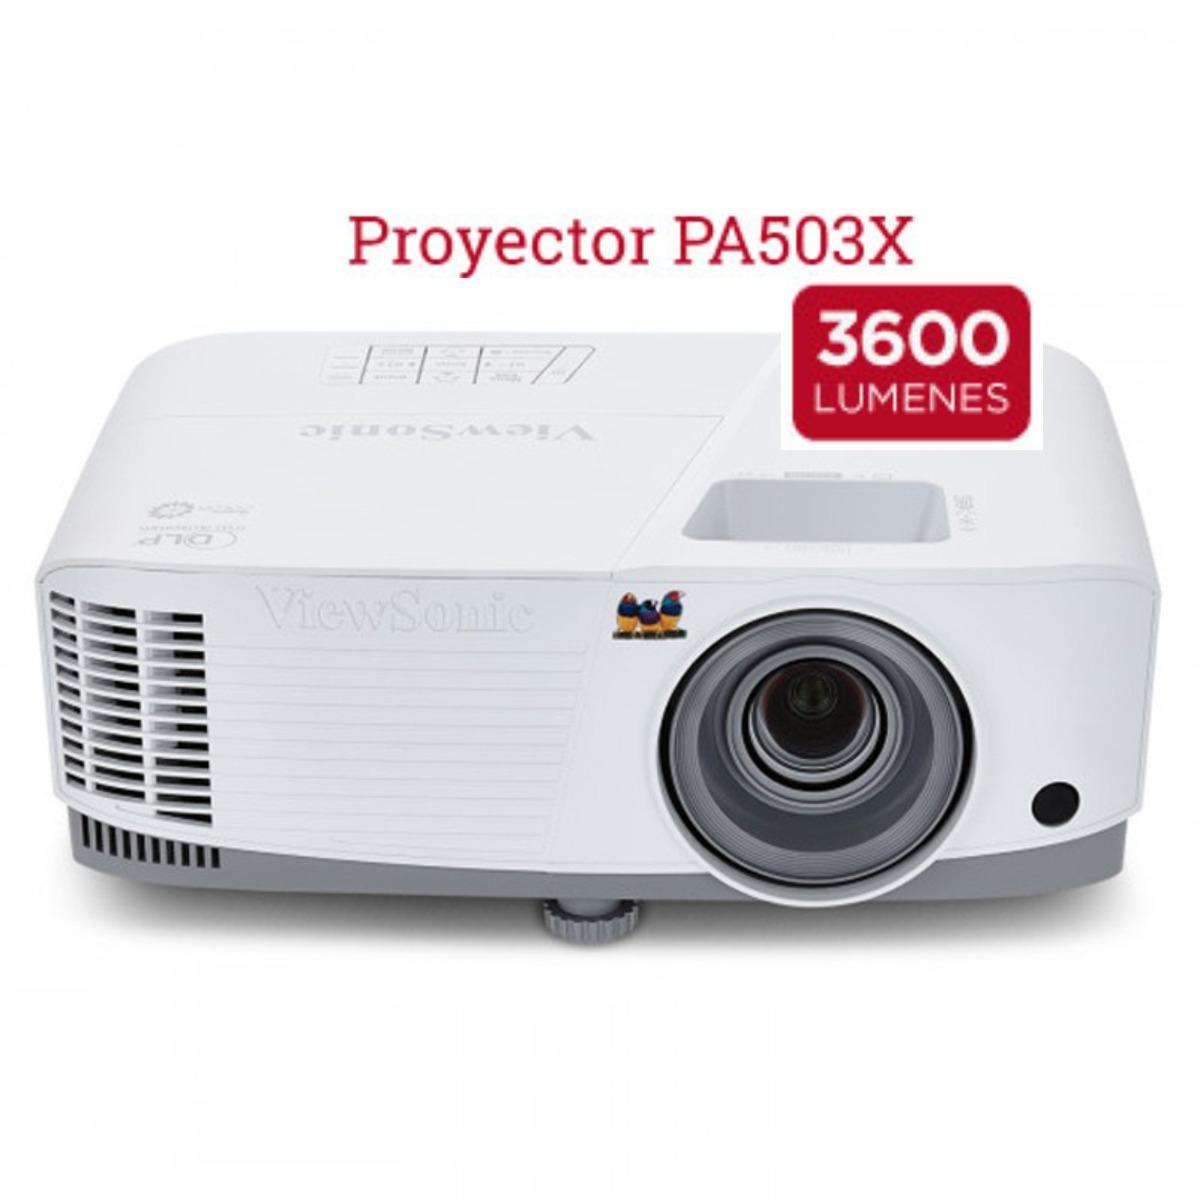 https://http2.mlstatic.com/proyector-viewsonic-3600-lumens-pa503x-hdmi-vga-x2-mod-2019-D_NQ_NP_744251-MLA29764698762_032019-F.jpg